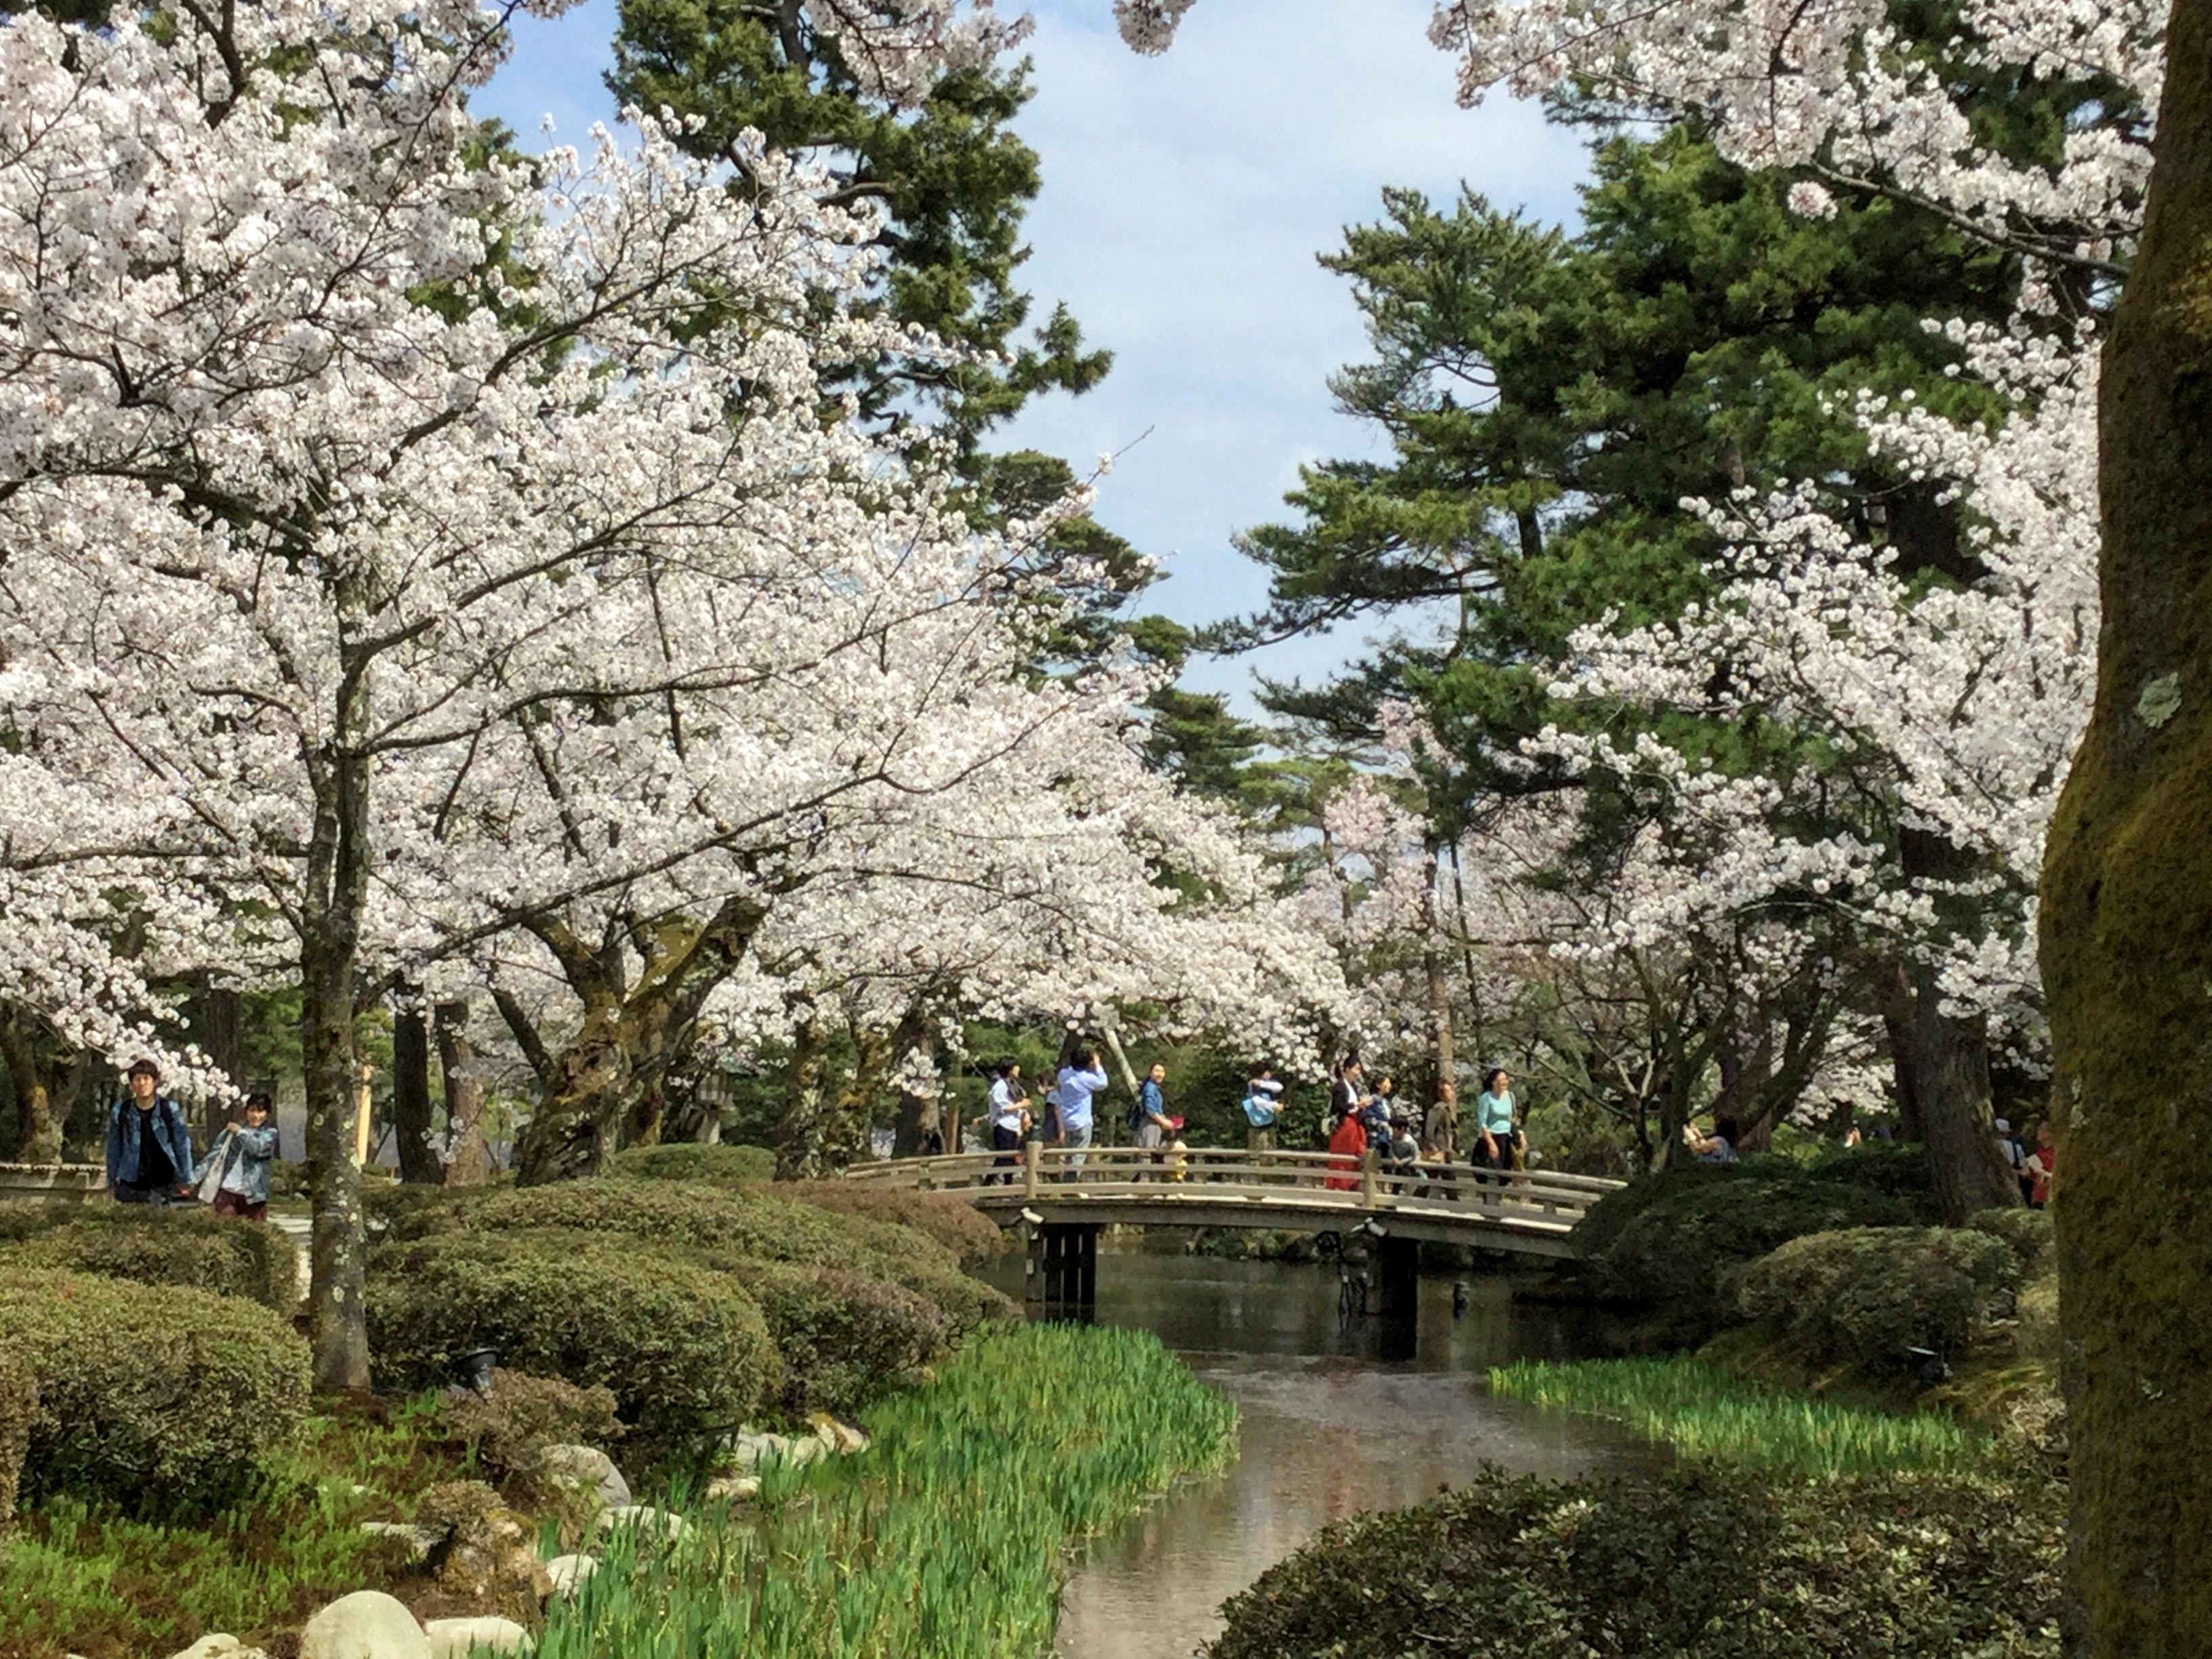 Kanazawa Hanami Cherry Blossom Guide